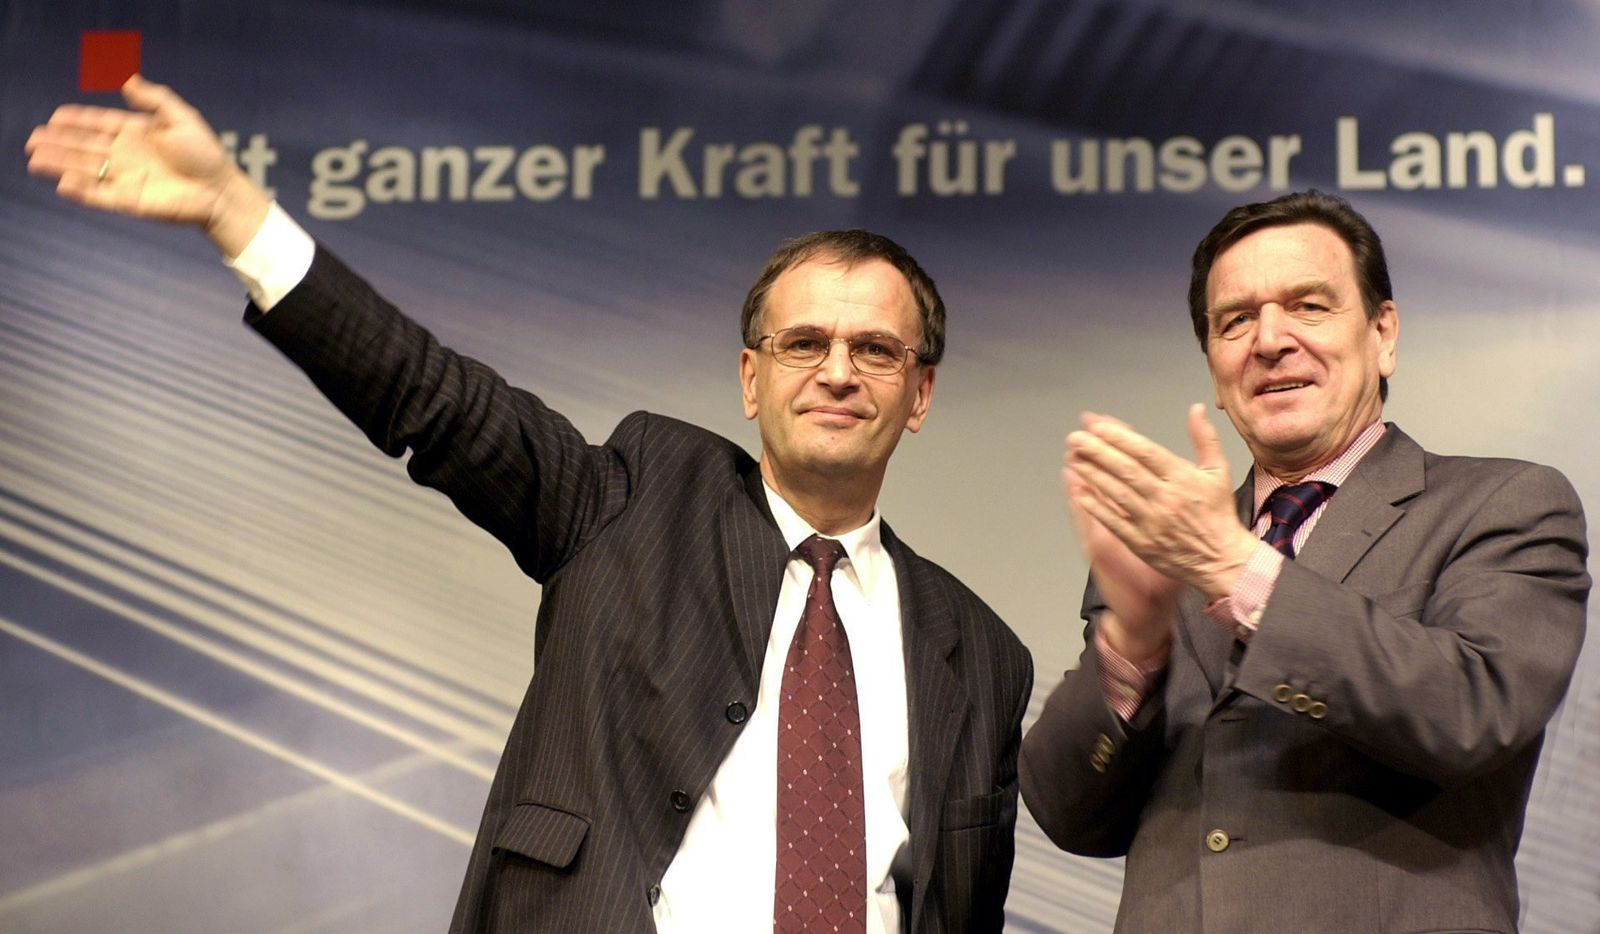 SPD Schröder Höppner